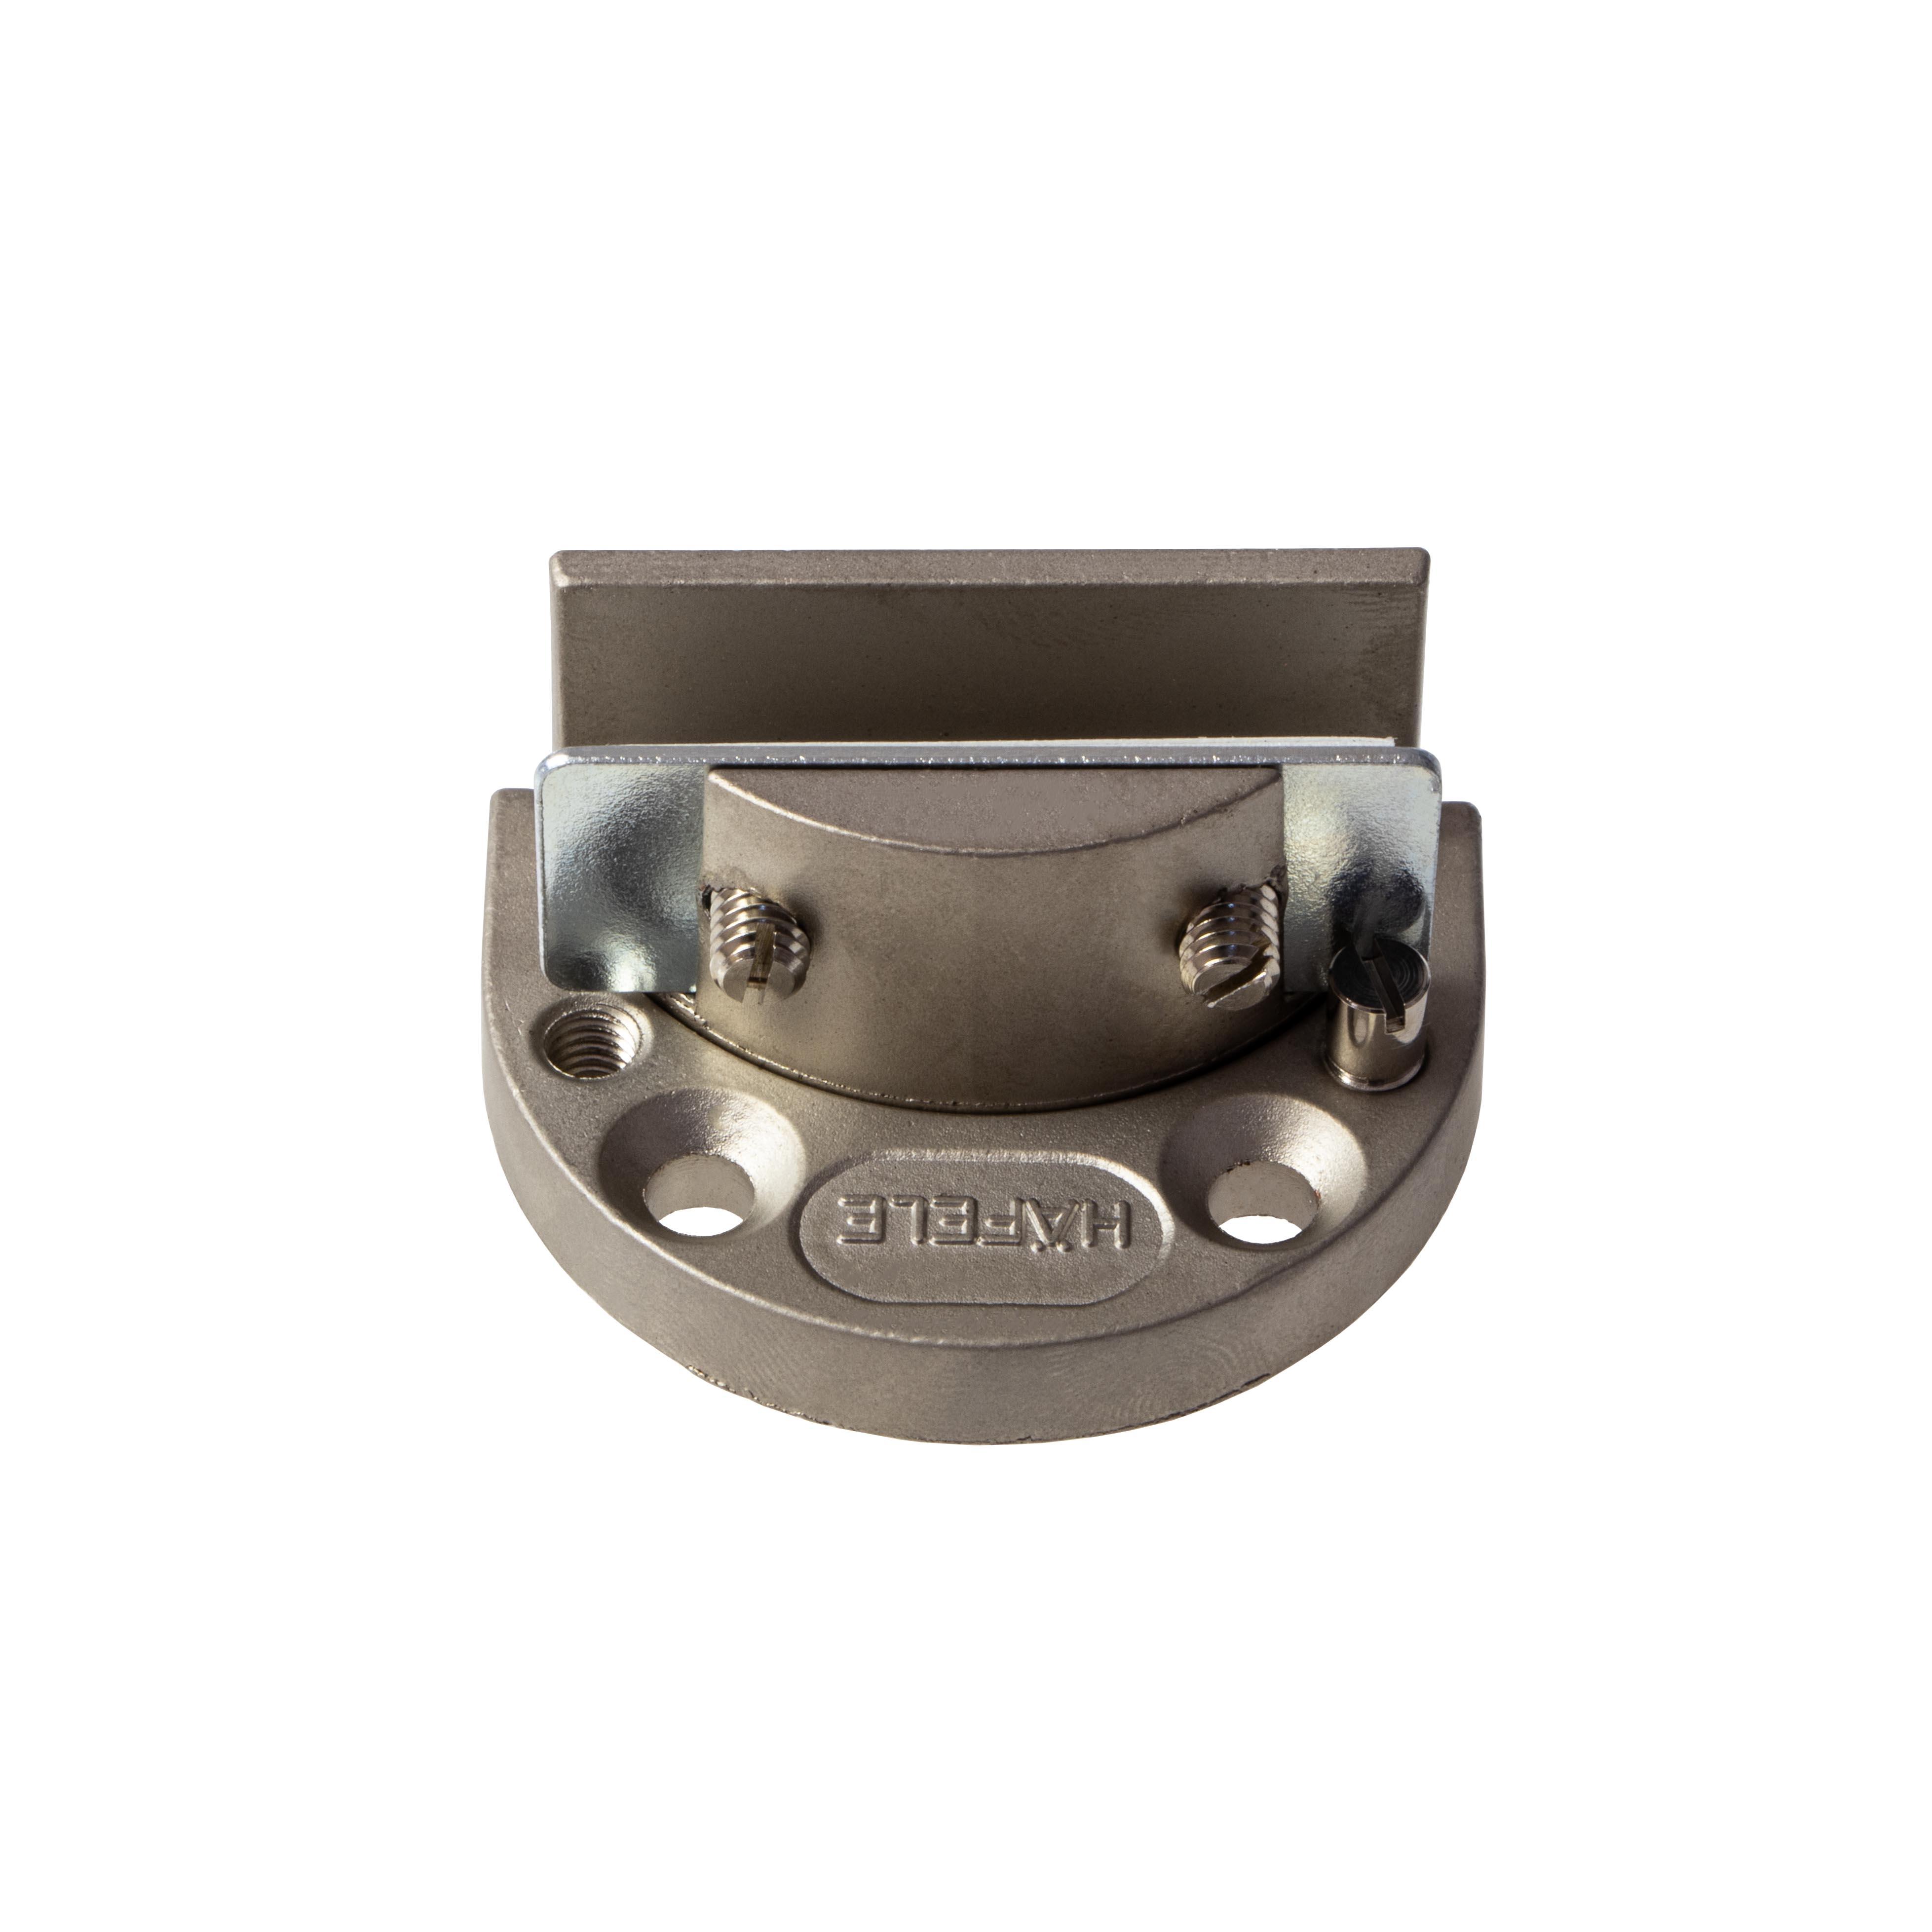 Häfele Glastürscharnier H1423 Glarior für Türmontage ohne Glasbohrung